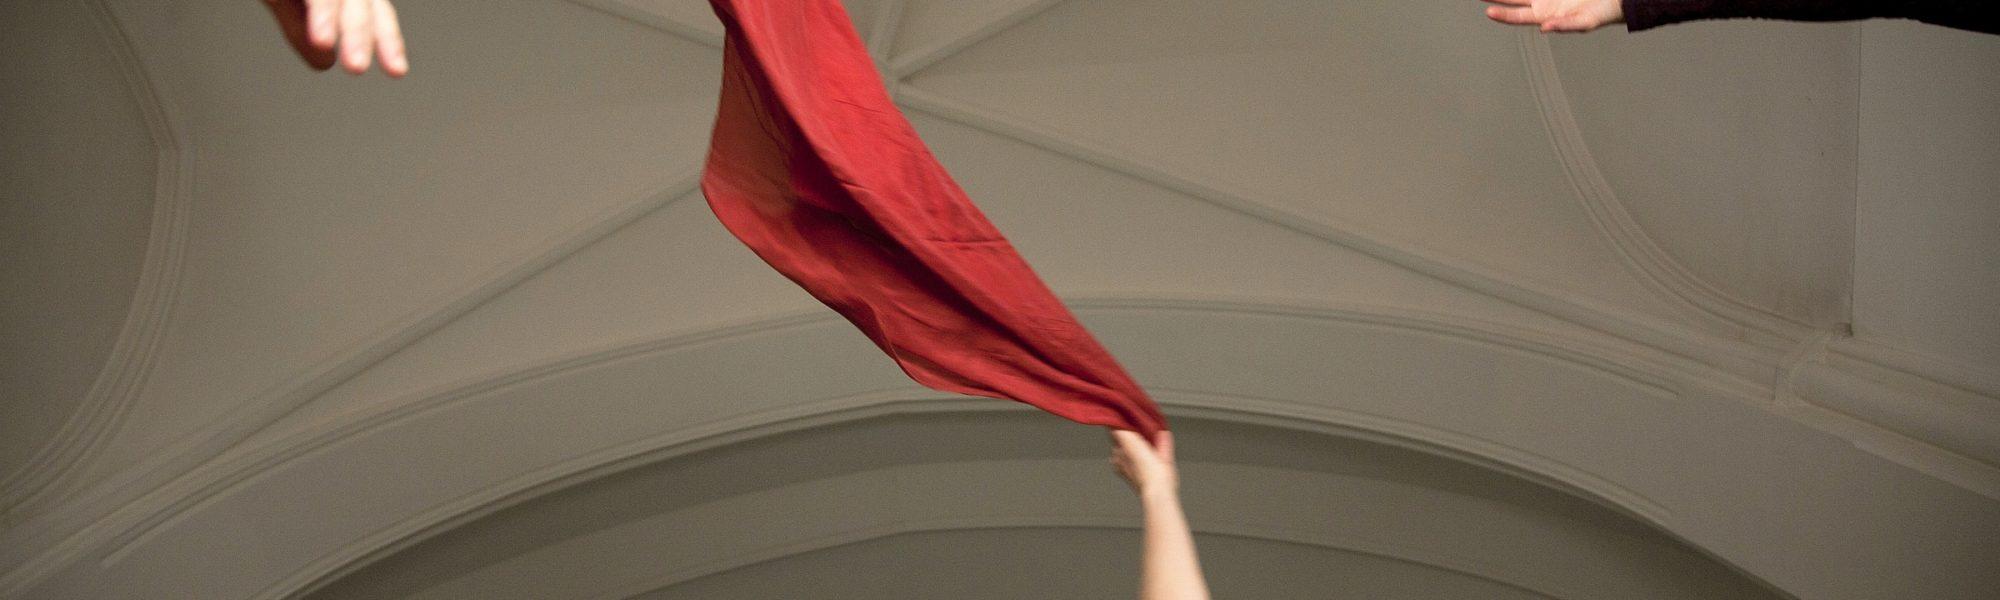 Arme, Hände ein rotes Tuch schwingt unter dem Gewölbe